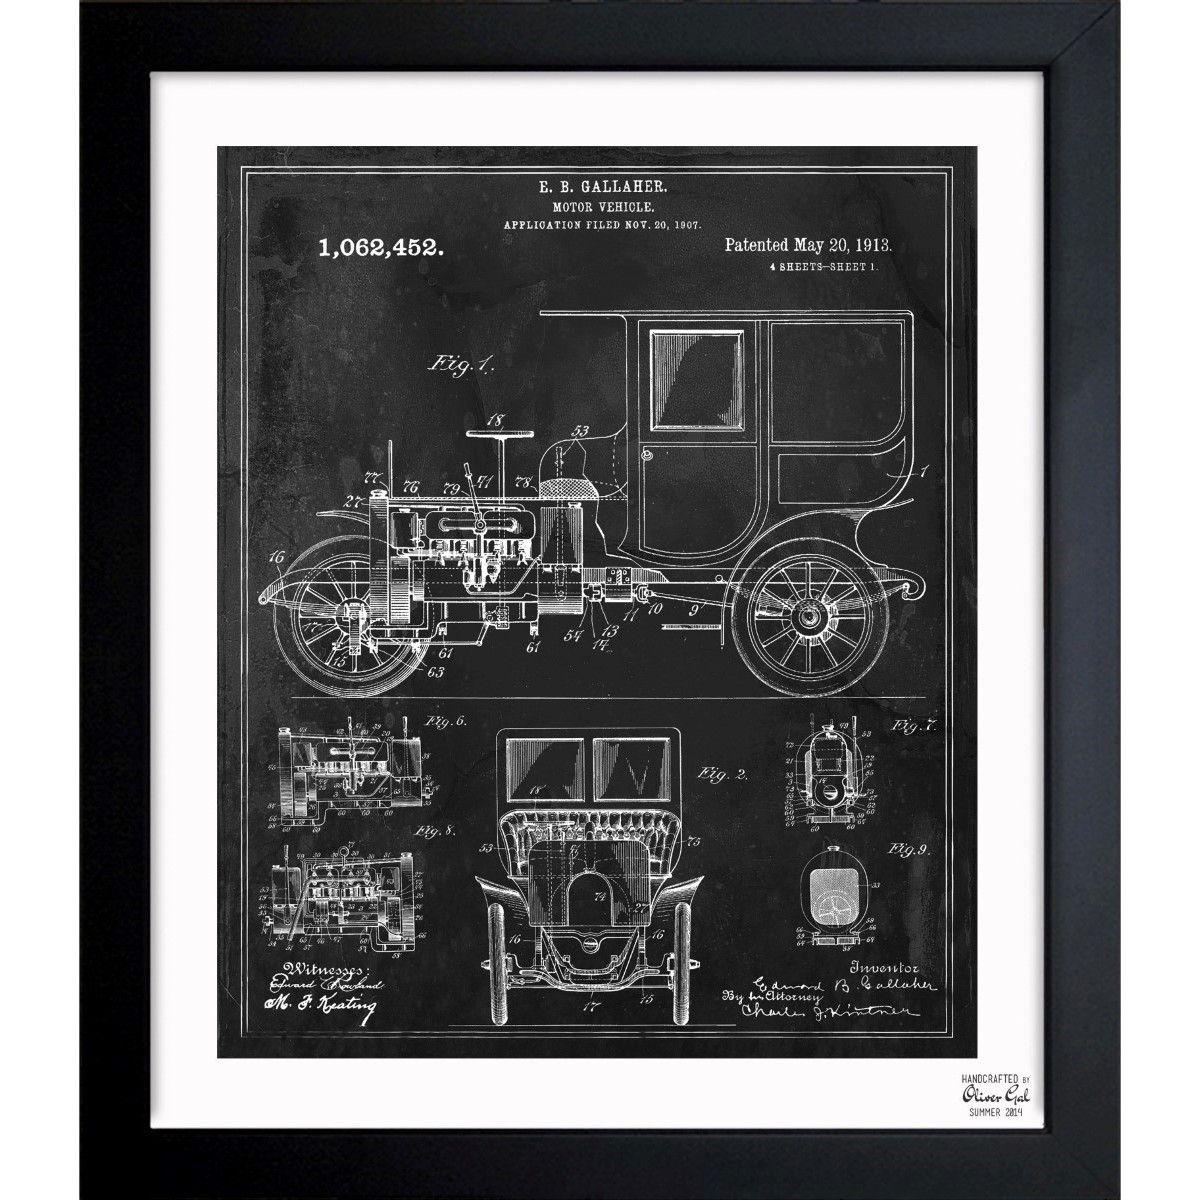 Oliver Gal 'Motor Vehicle 1913' Framed Blueprint Art